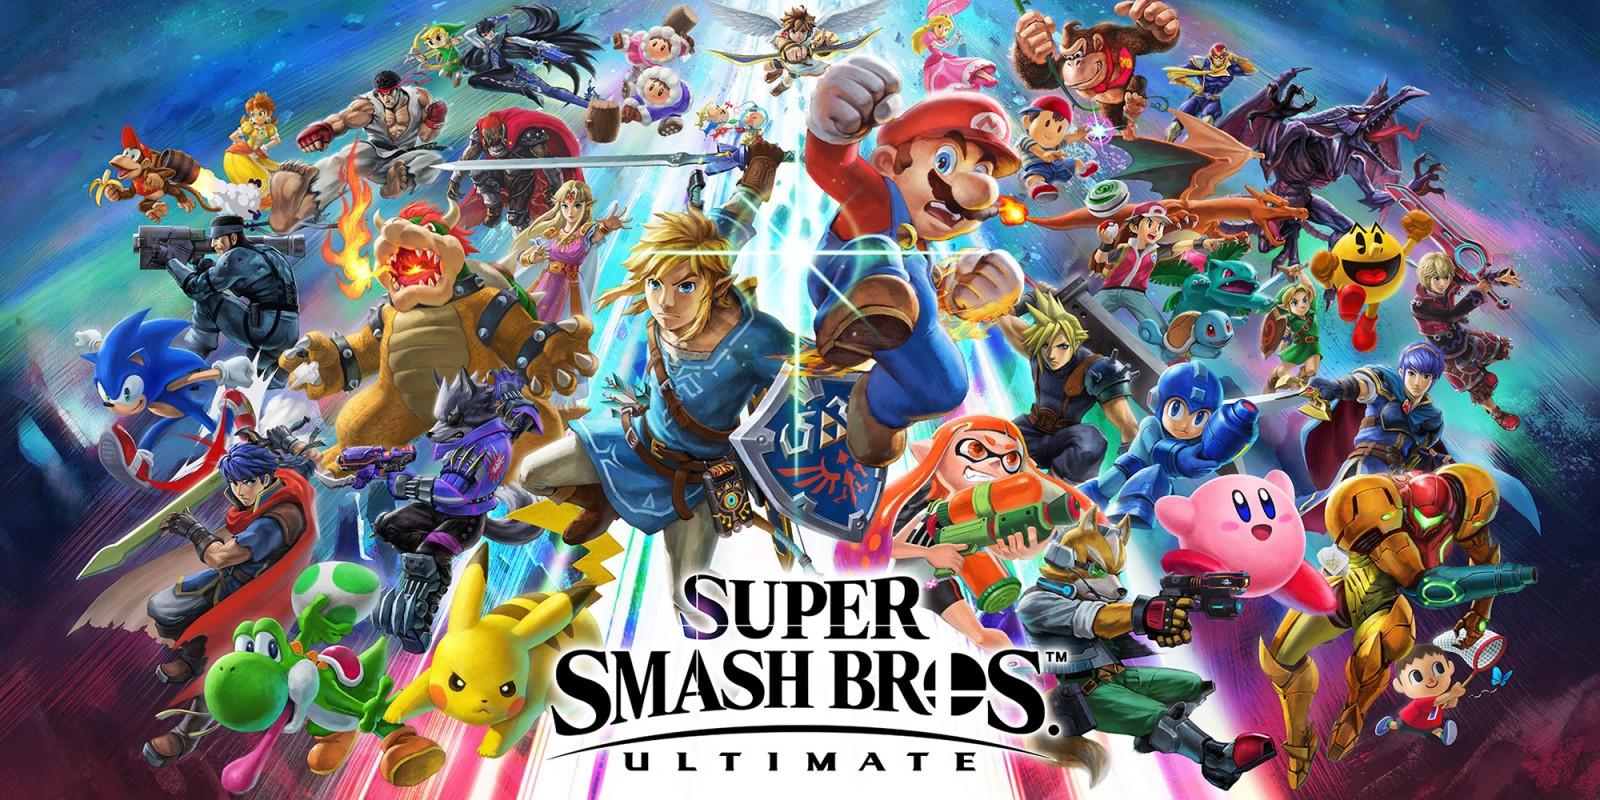 Poppodium P60 in Amstelveen is de locatie waar het eerste fysieke en grote Super Smash Bros Ultimate toernooi plaatsvindt op 10 juli.